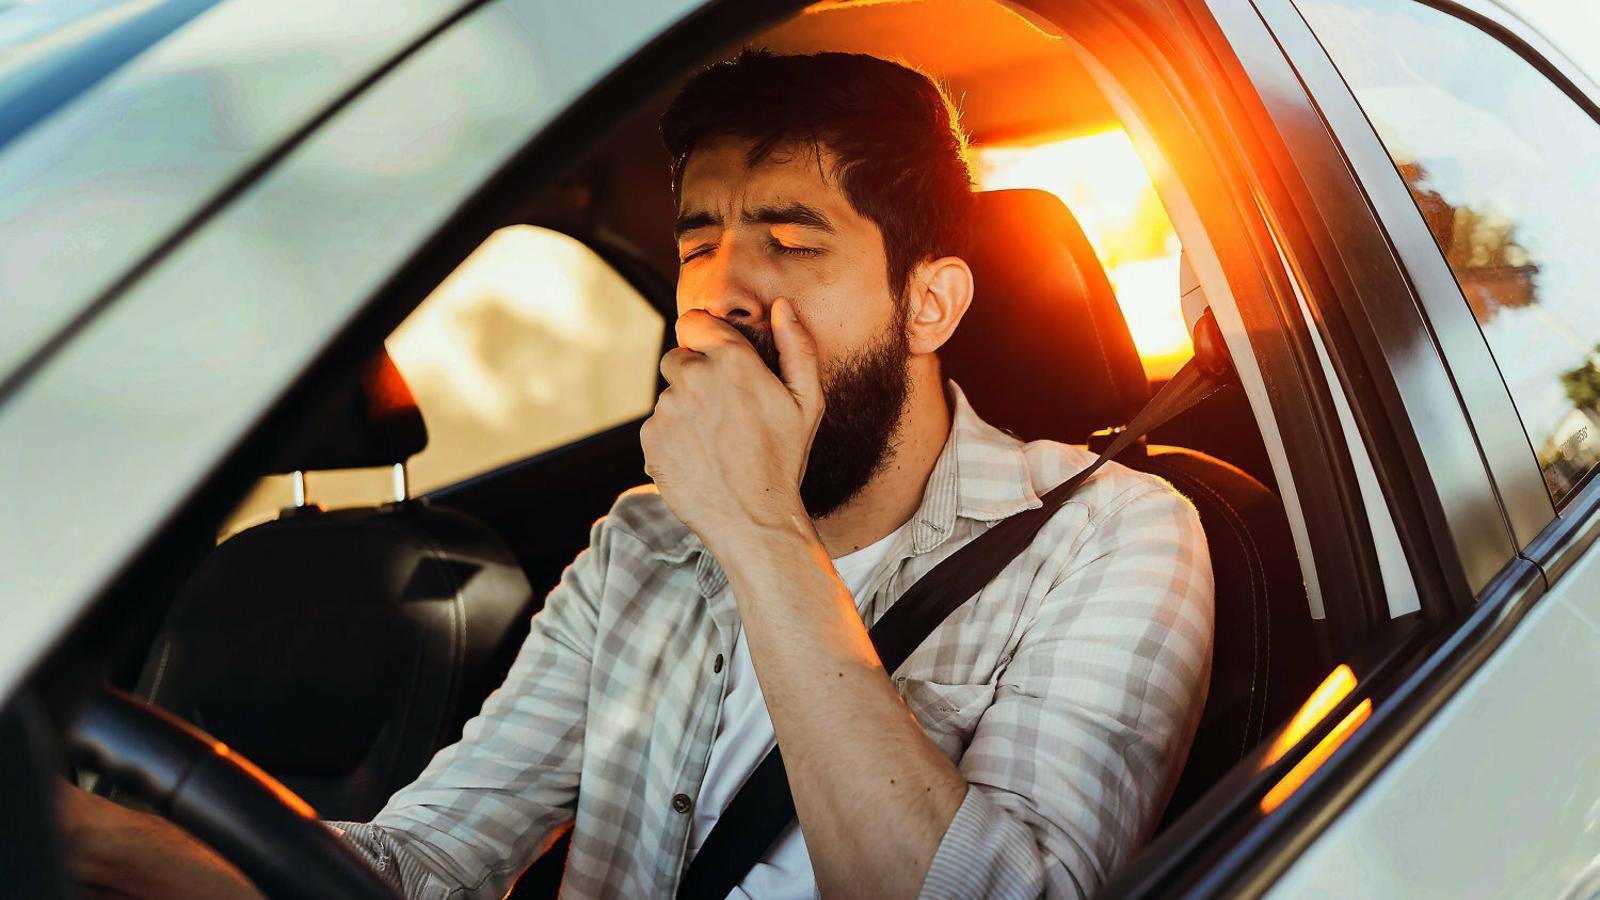 Podem saber si estem massa endormiscats per conduir?